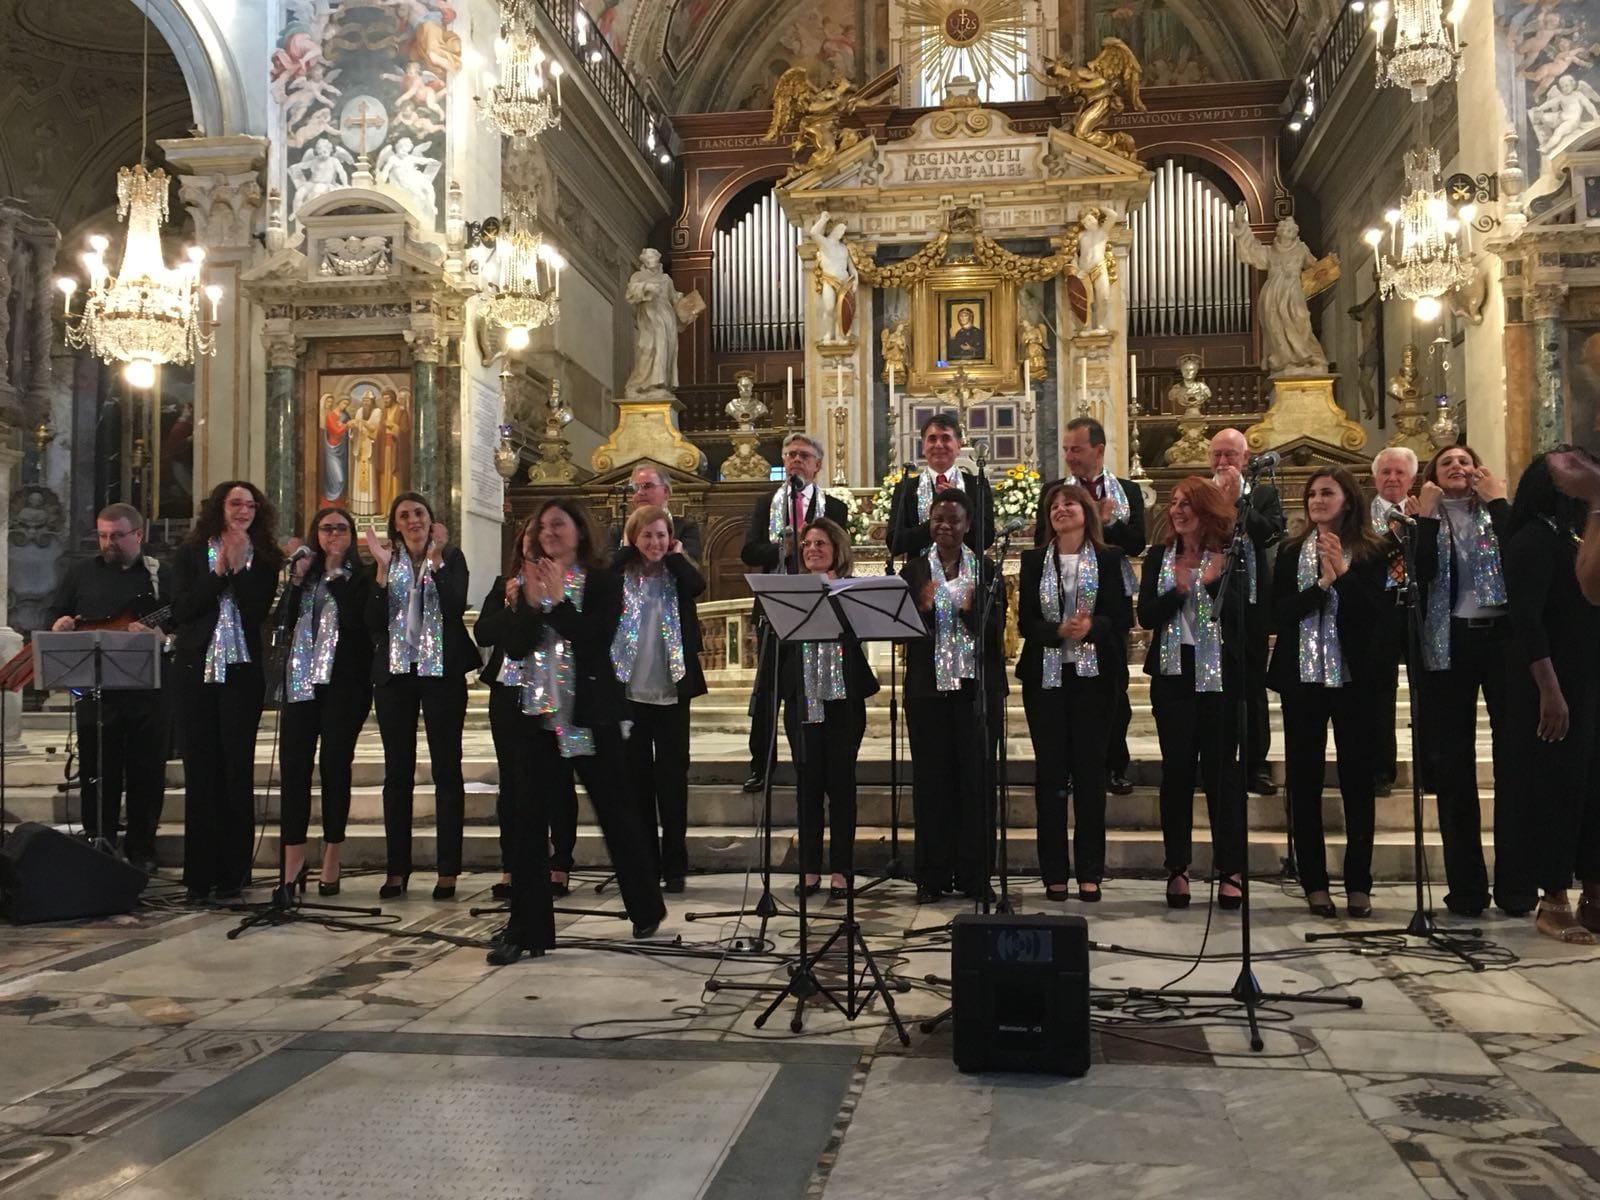 St John's Singer: al via stagione da cinque concerti